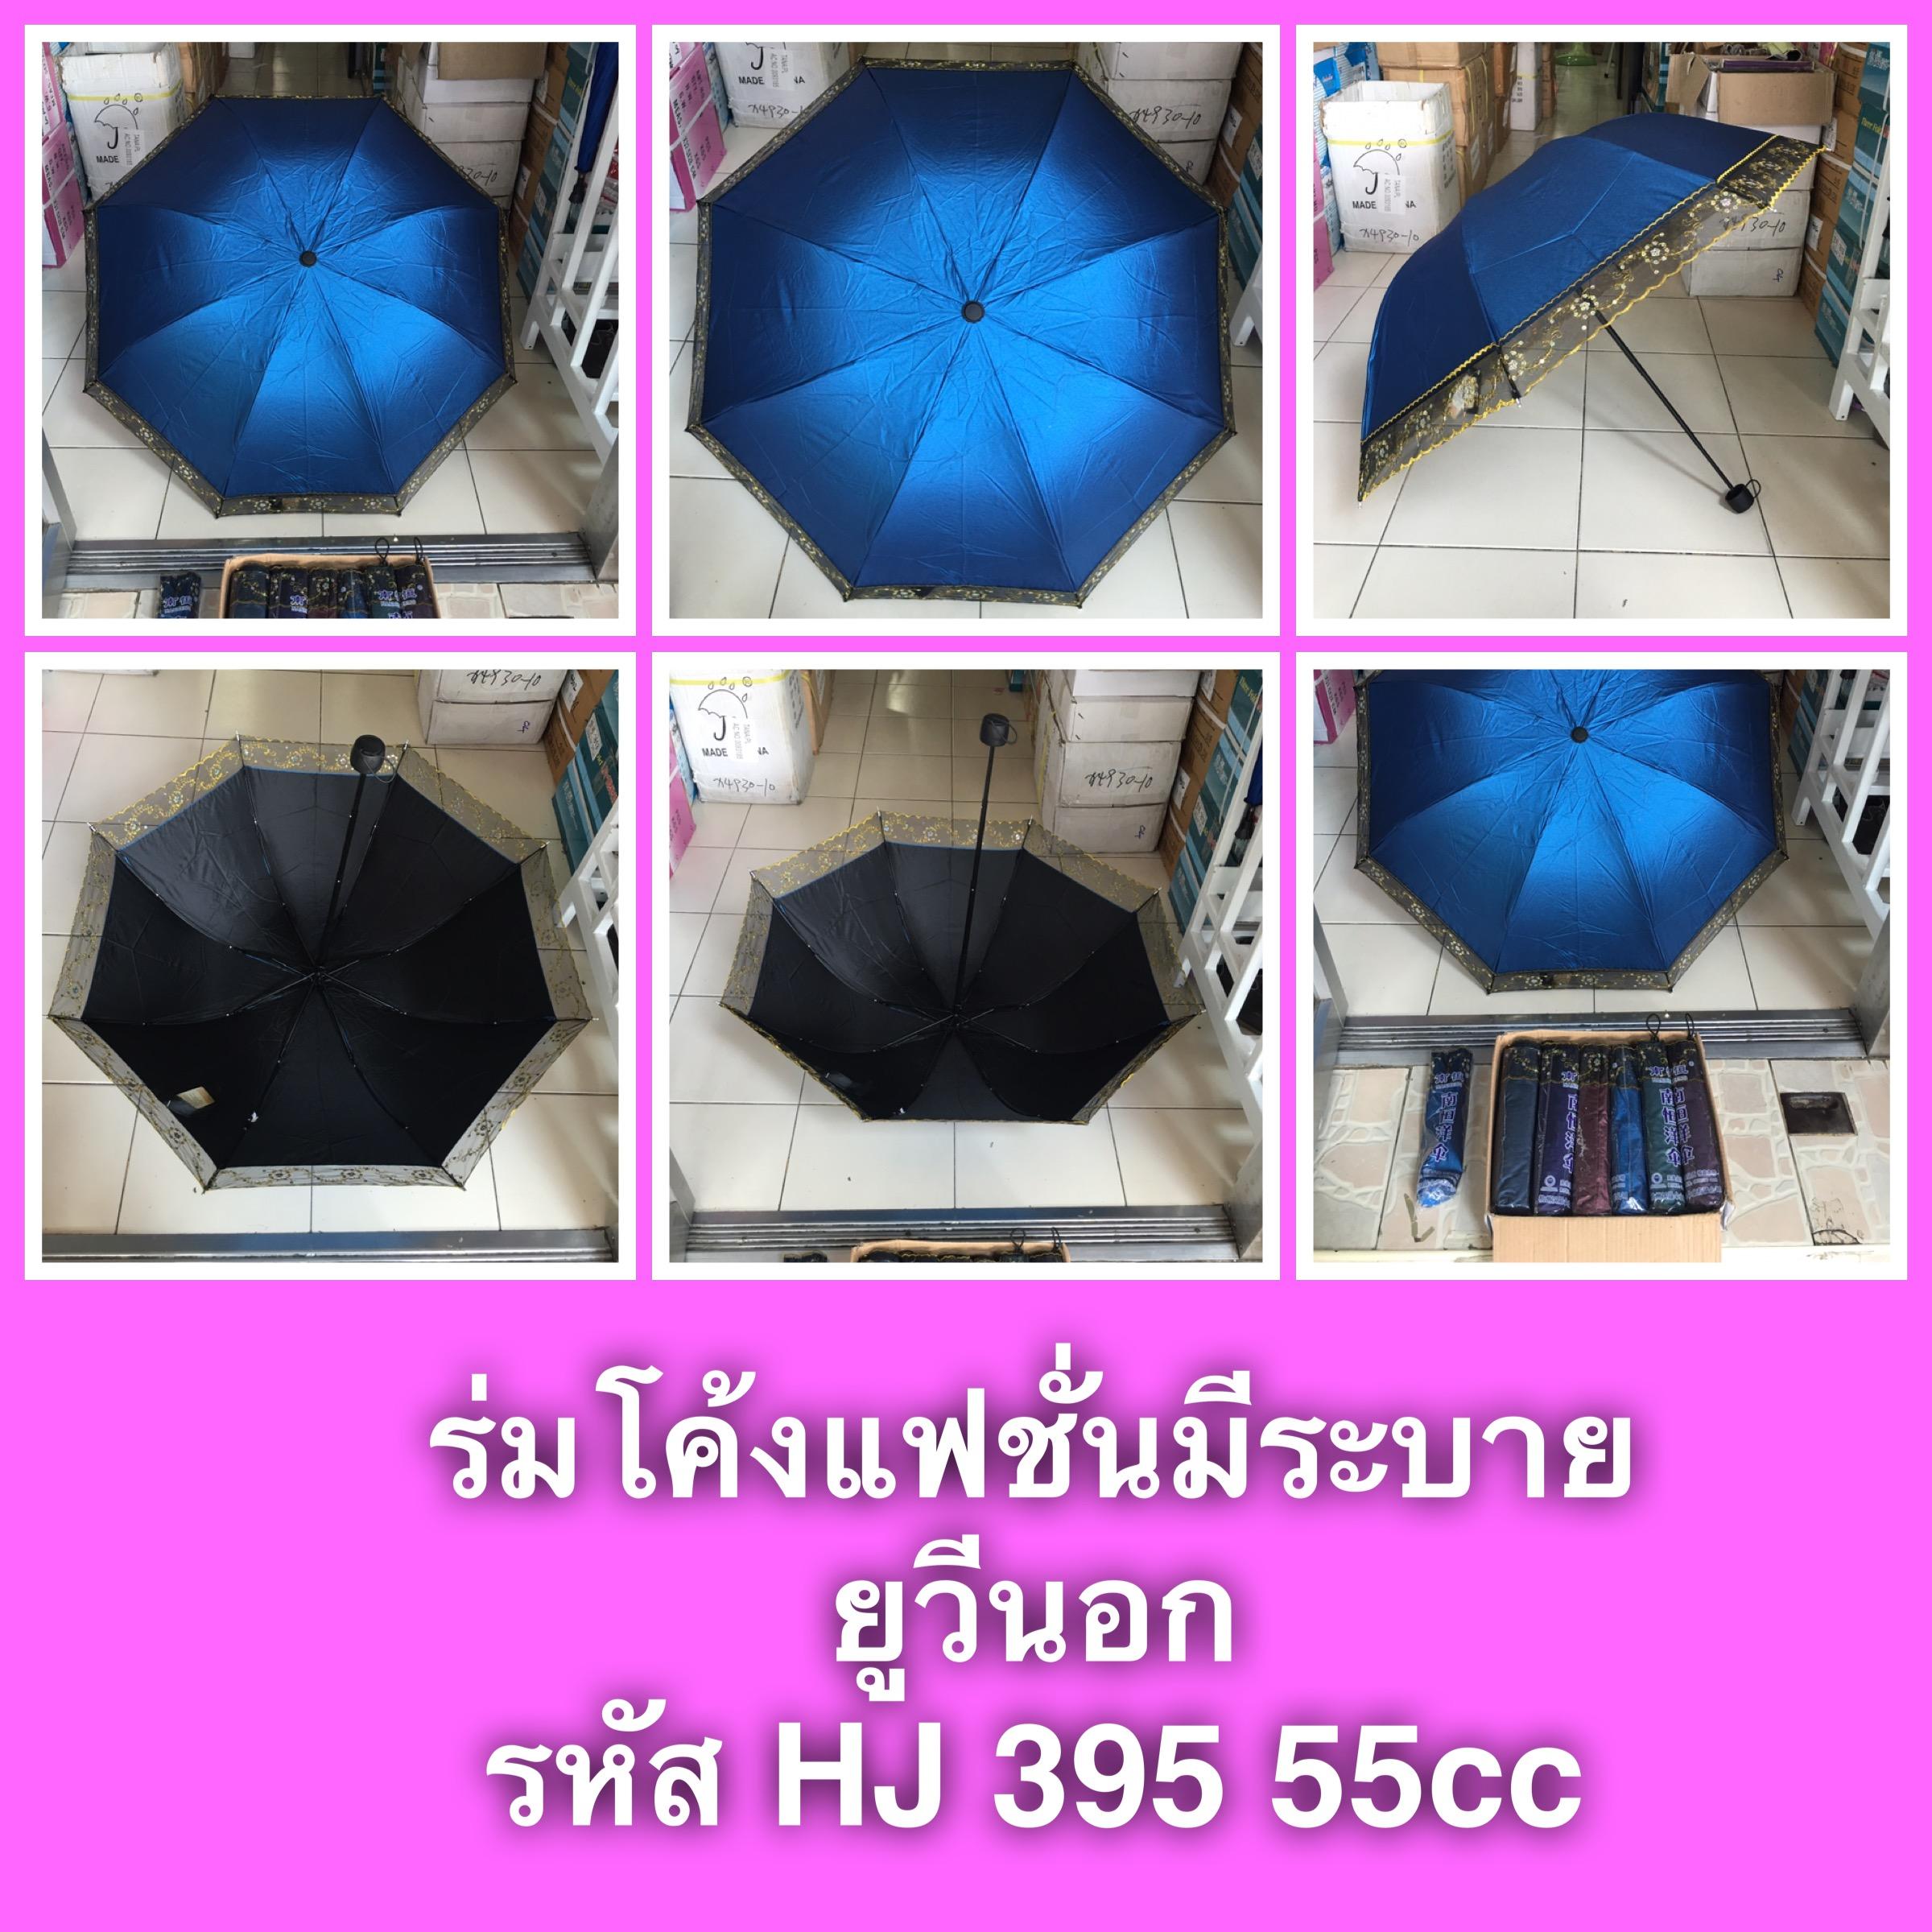 ร่มโค้งแฟชั่นมีระบาย ยูวีนอก รหัส HJ 395 55CC